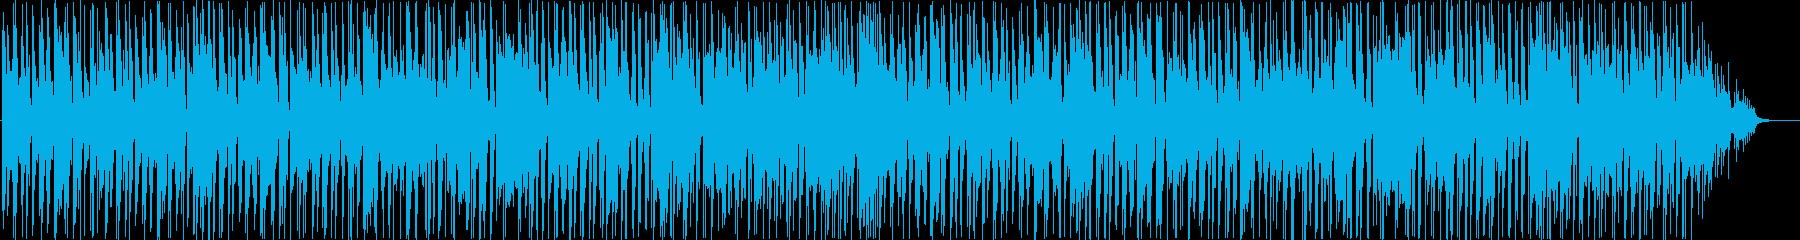 サックスがメロのわくわく系セッション風の再生済みの波形